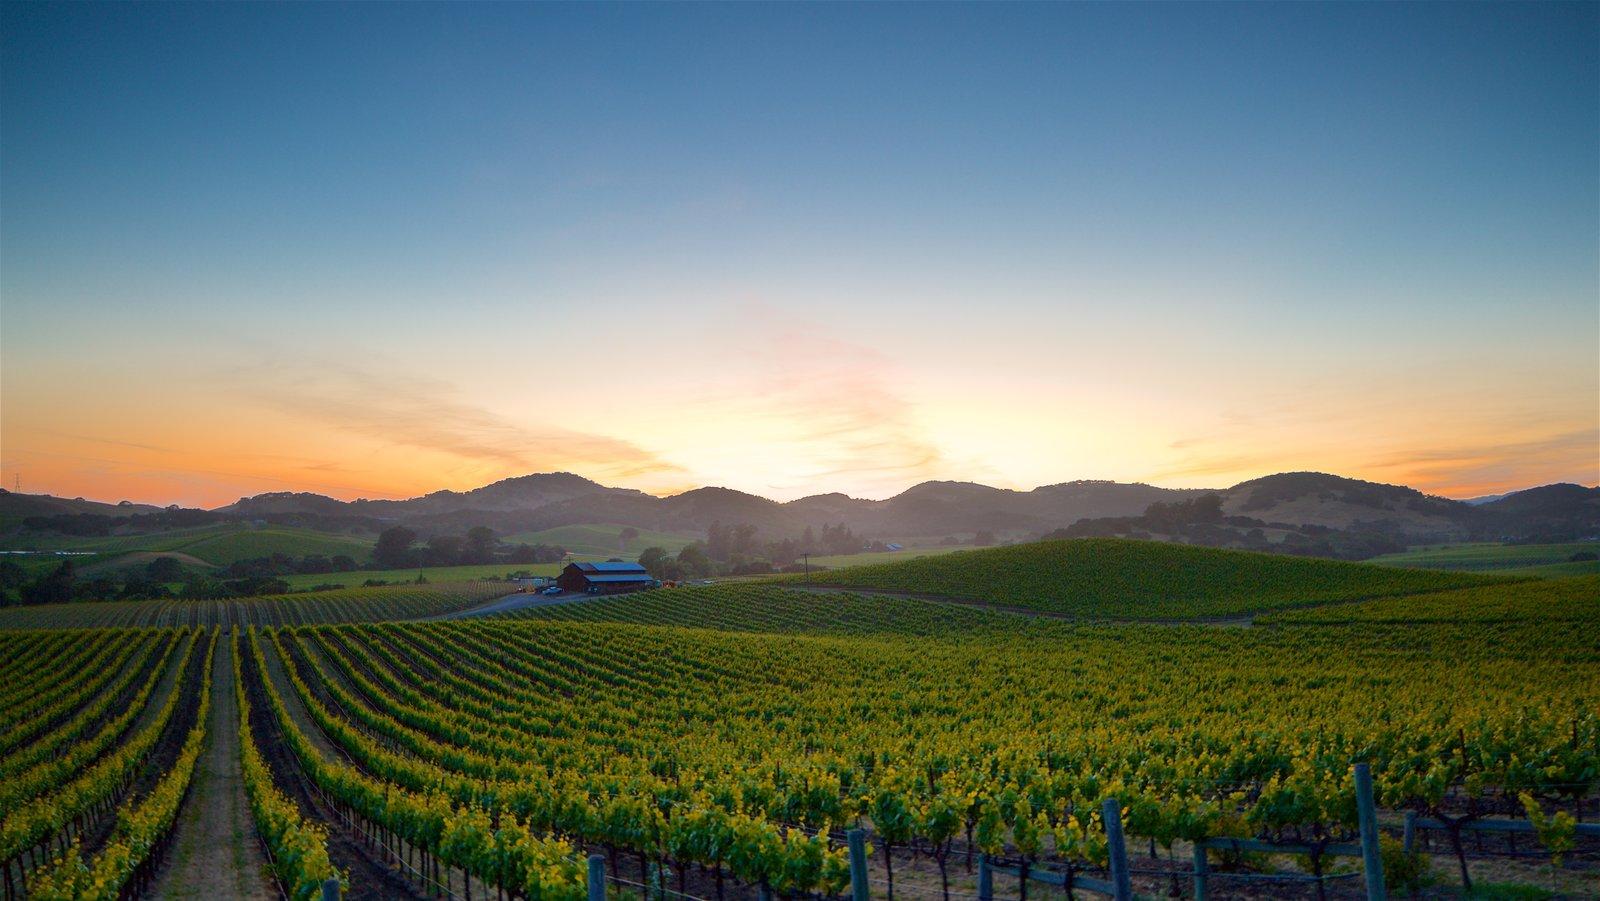 Napa ofreciendo tierras de cultivo, vistas de paisajes y una puesta de sol